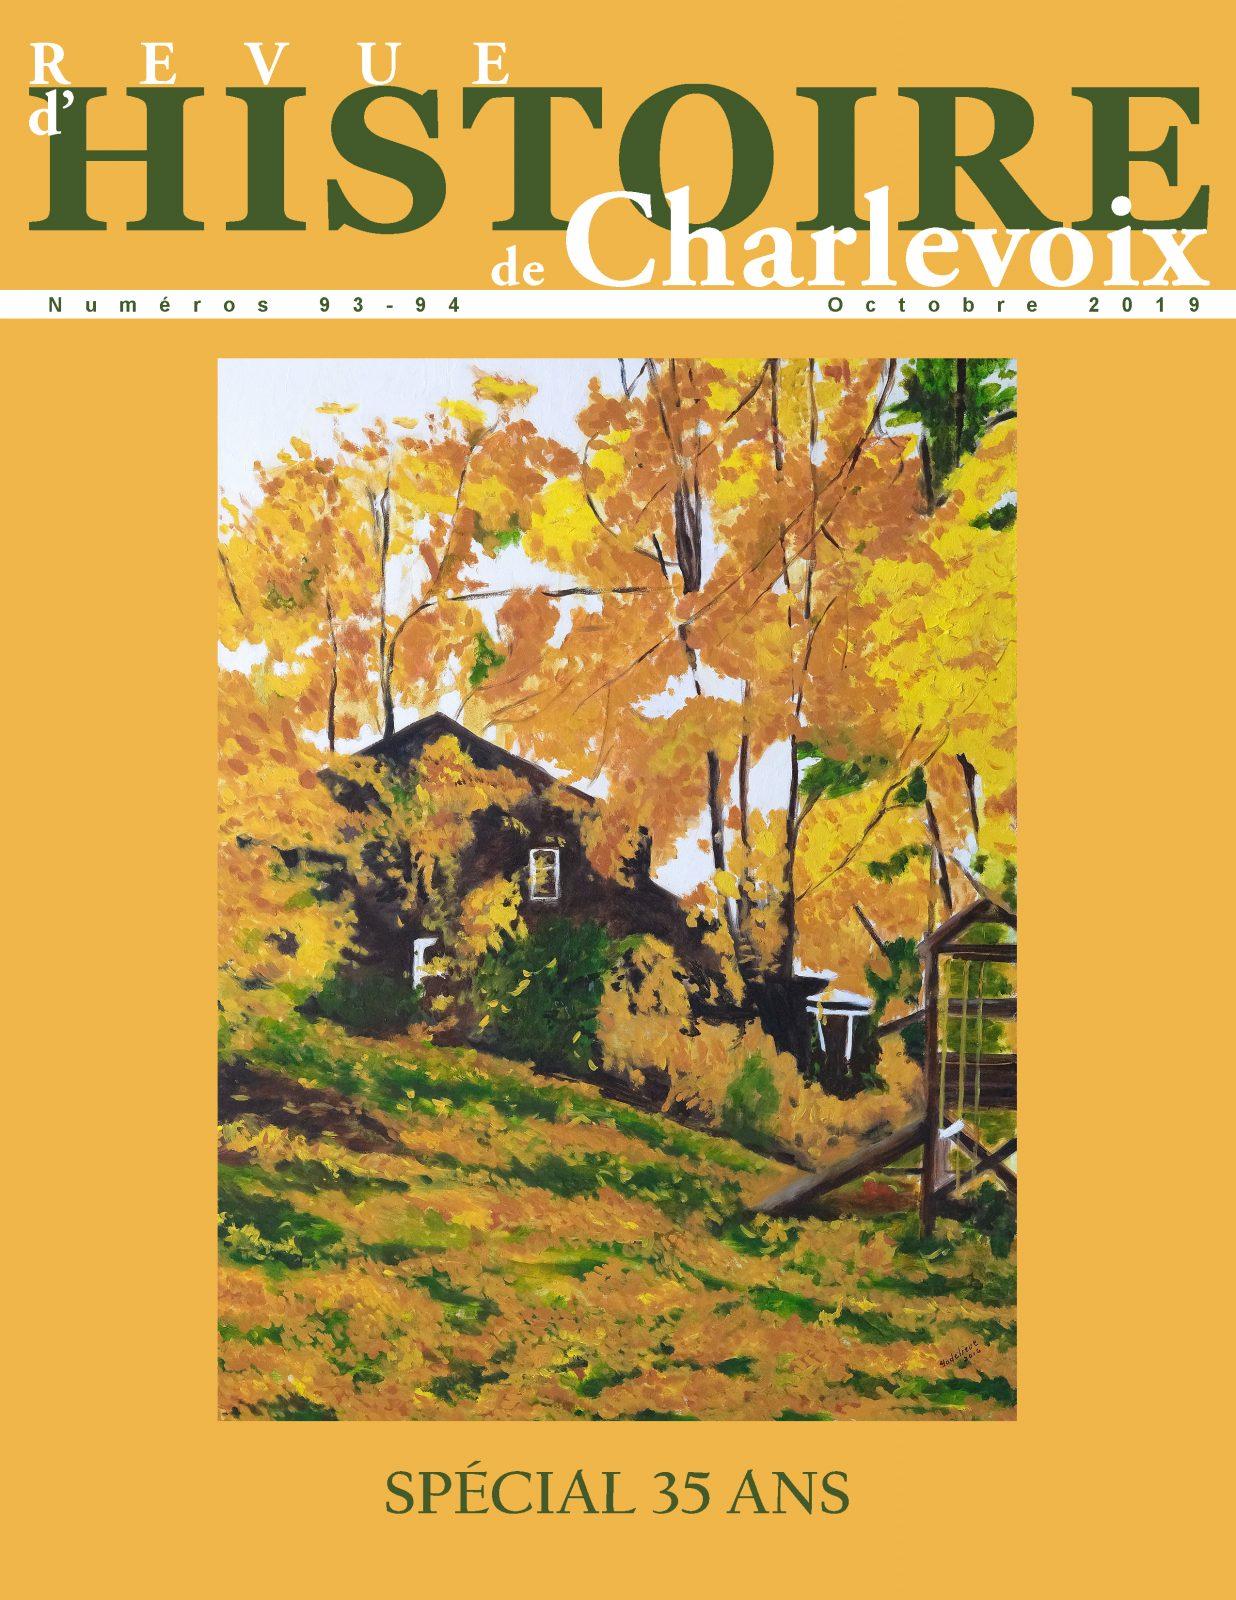 La Revue d'Histoire de Charlevoix célèbre ses 35 ans avec un double numéro